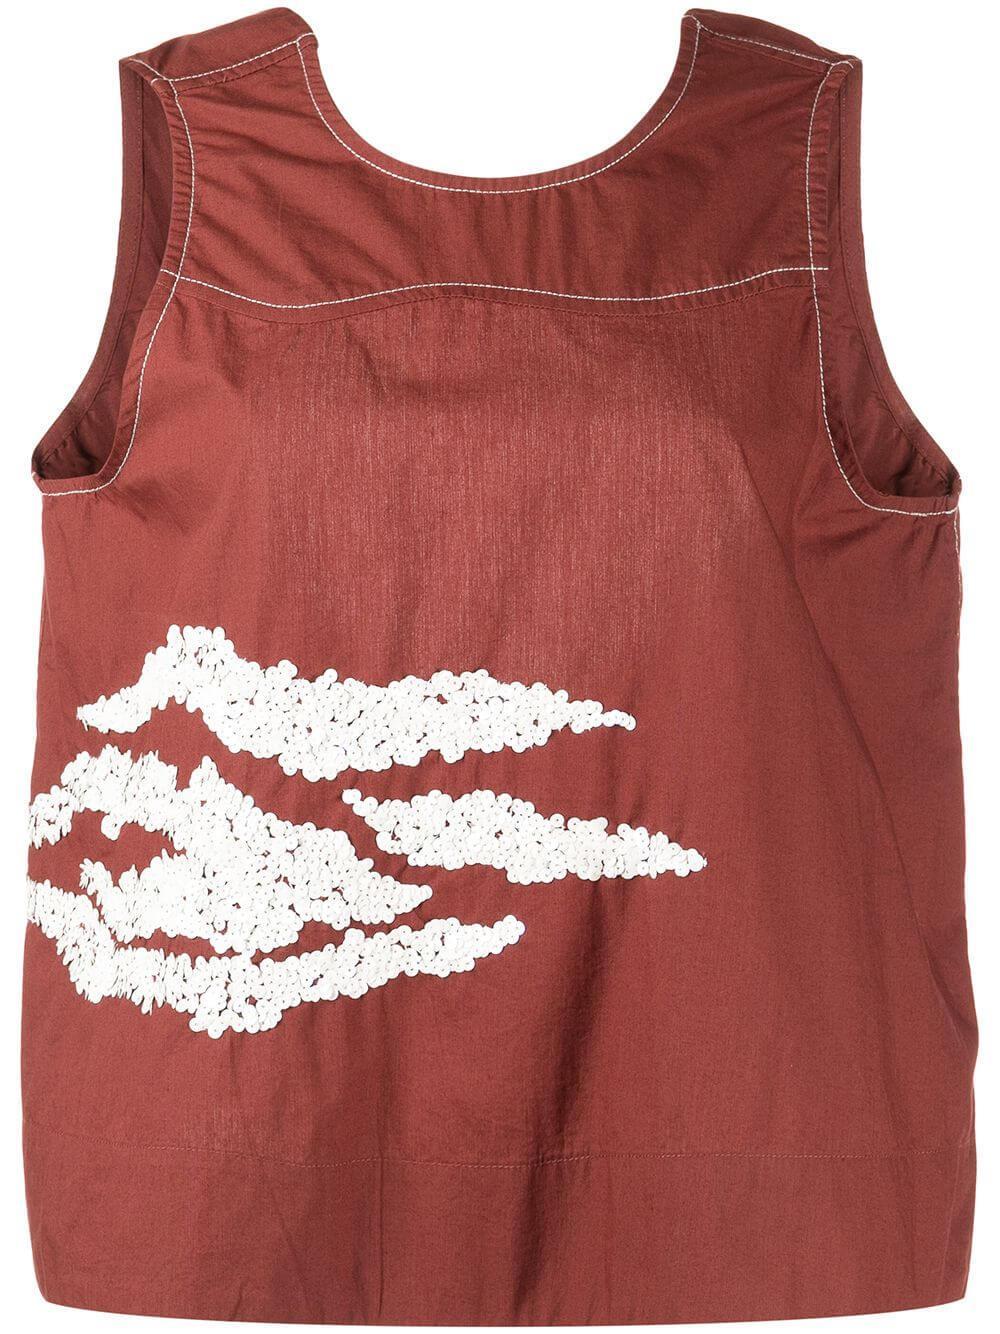 Embellished Cotton Top Item # F5971